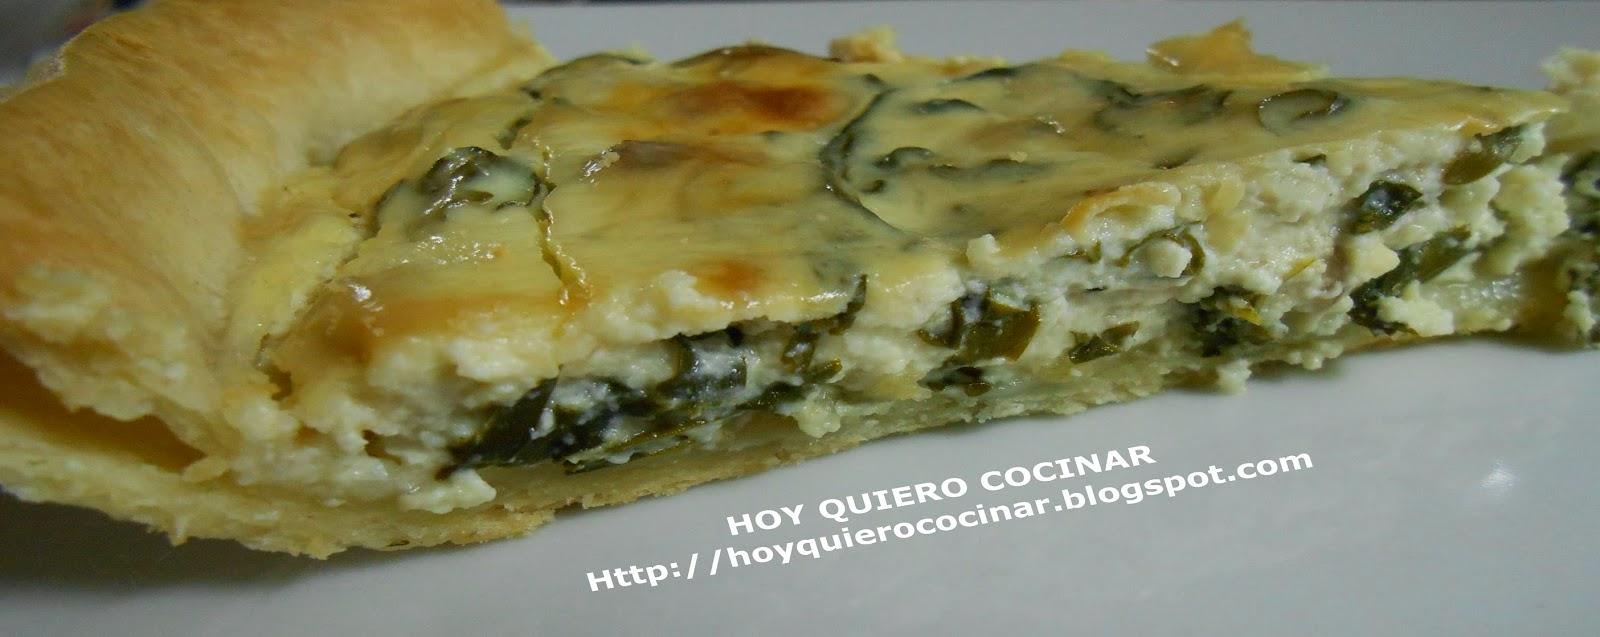 http://hoyquierococinar.blogspot.com.es/2014/03/quiche-de-rucula-y-queso-philadelphia.html